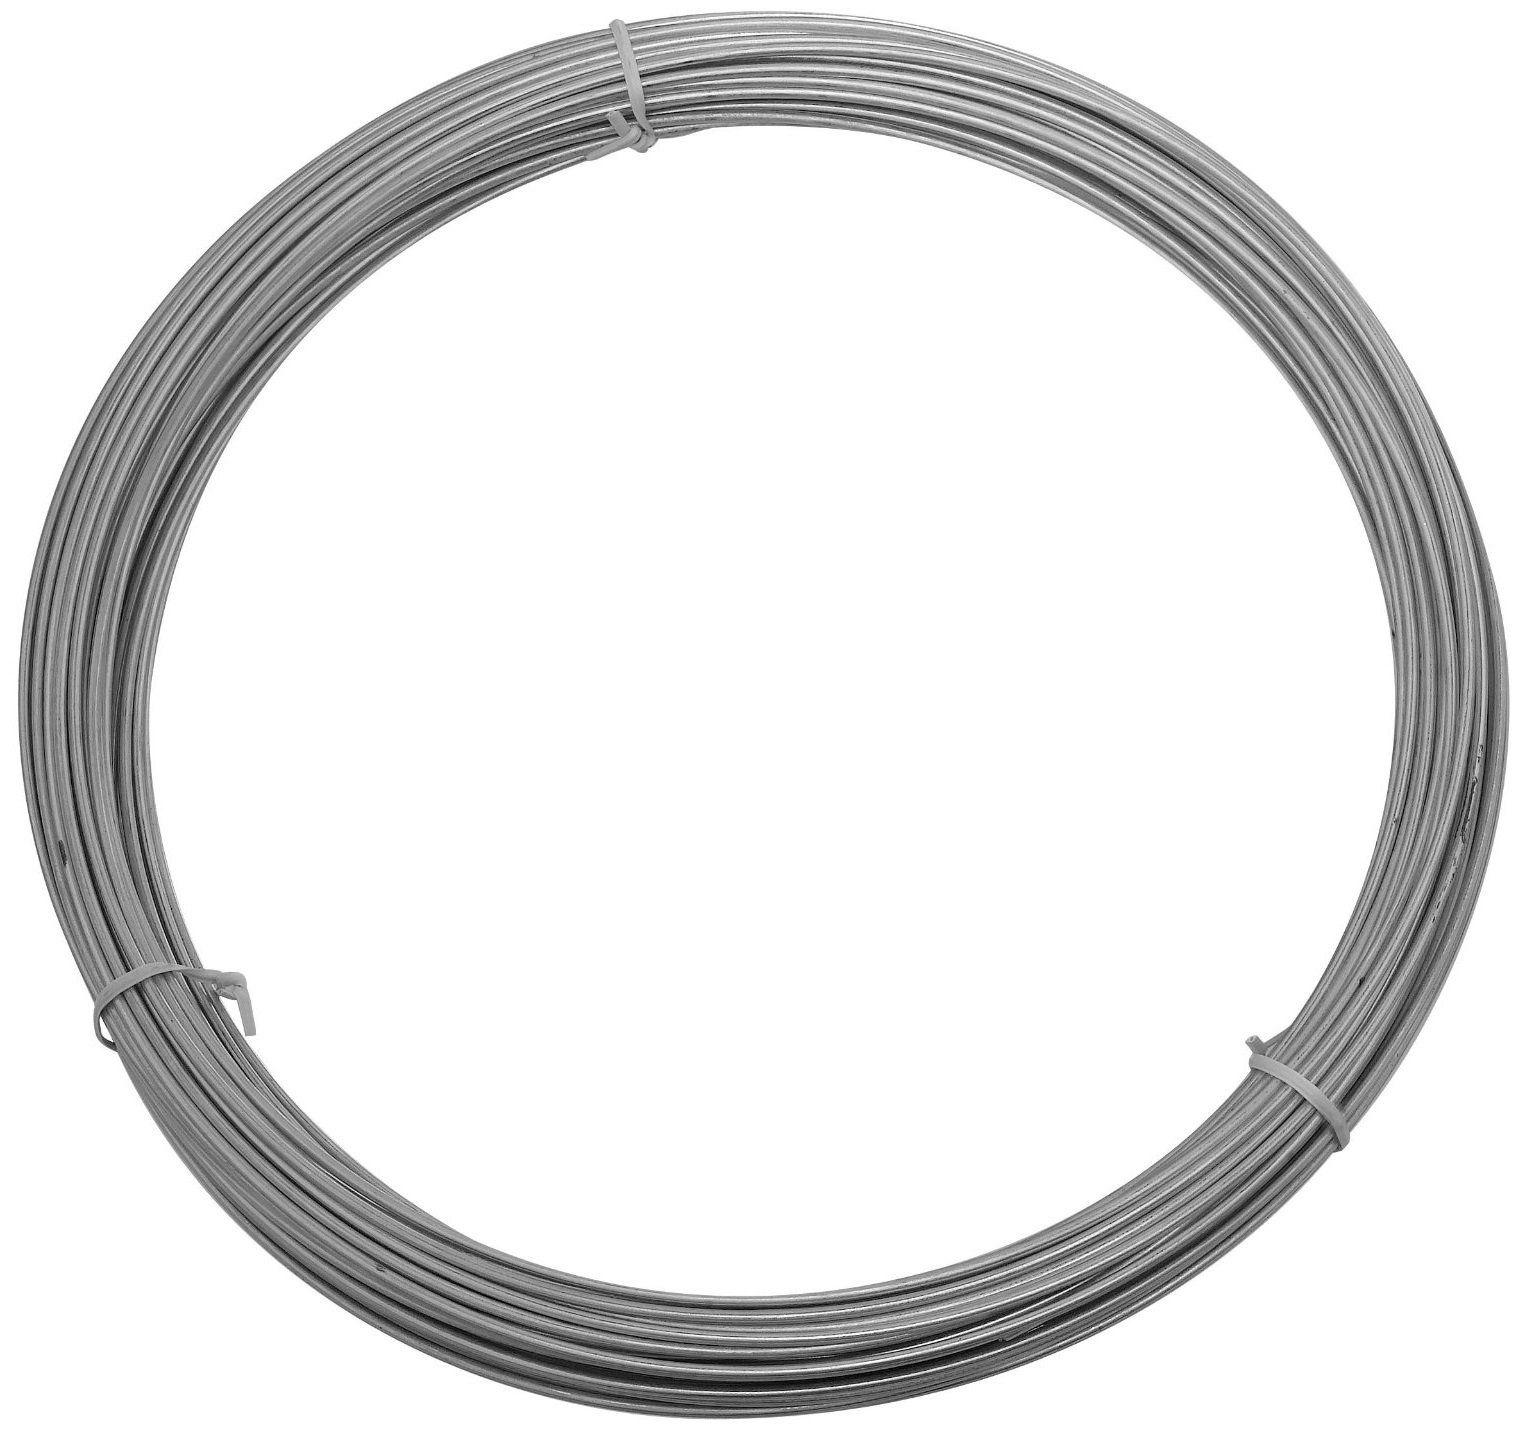 National hardware n bc wire steel galvanized gauge